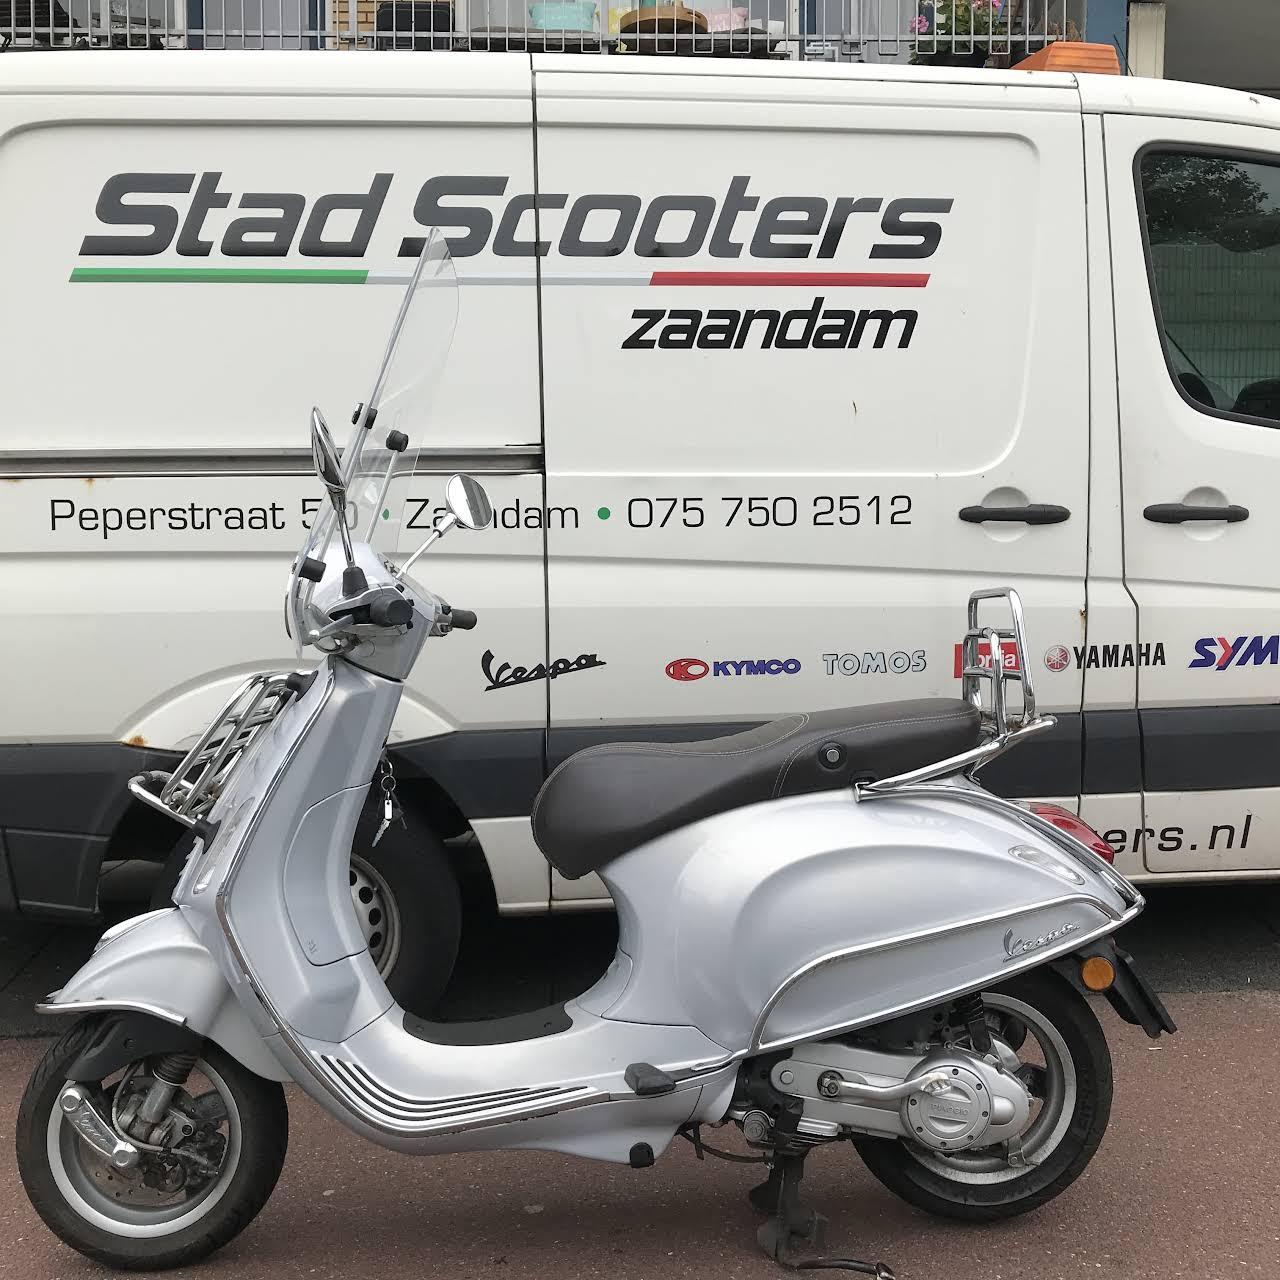 Ongekend Stadscooters Zaandam - Scooterwinkel in Zaandam KD-45